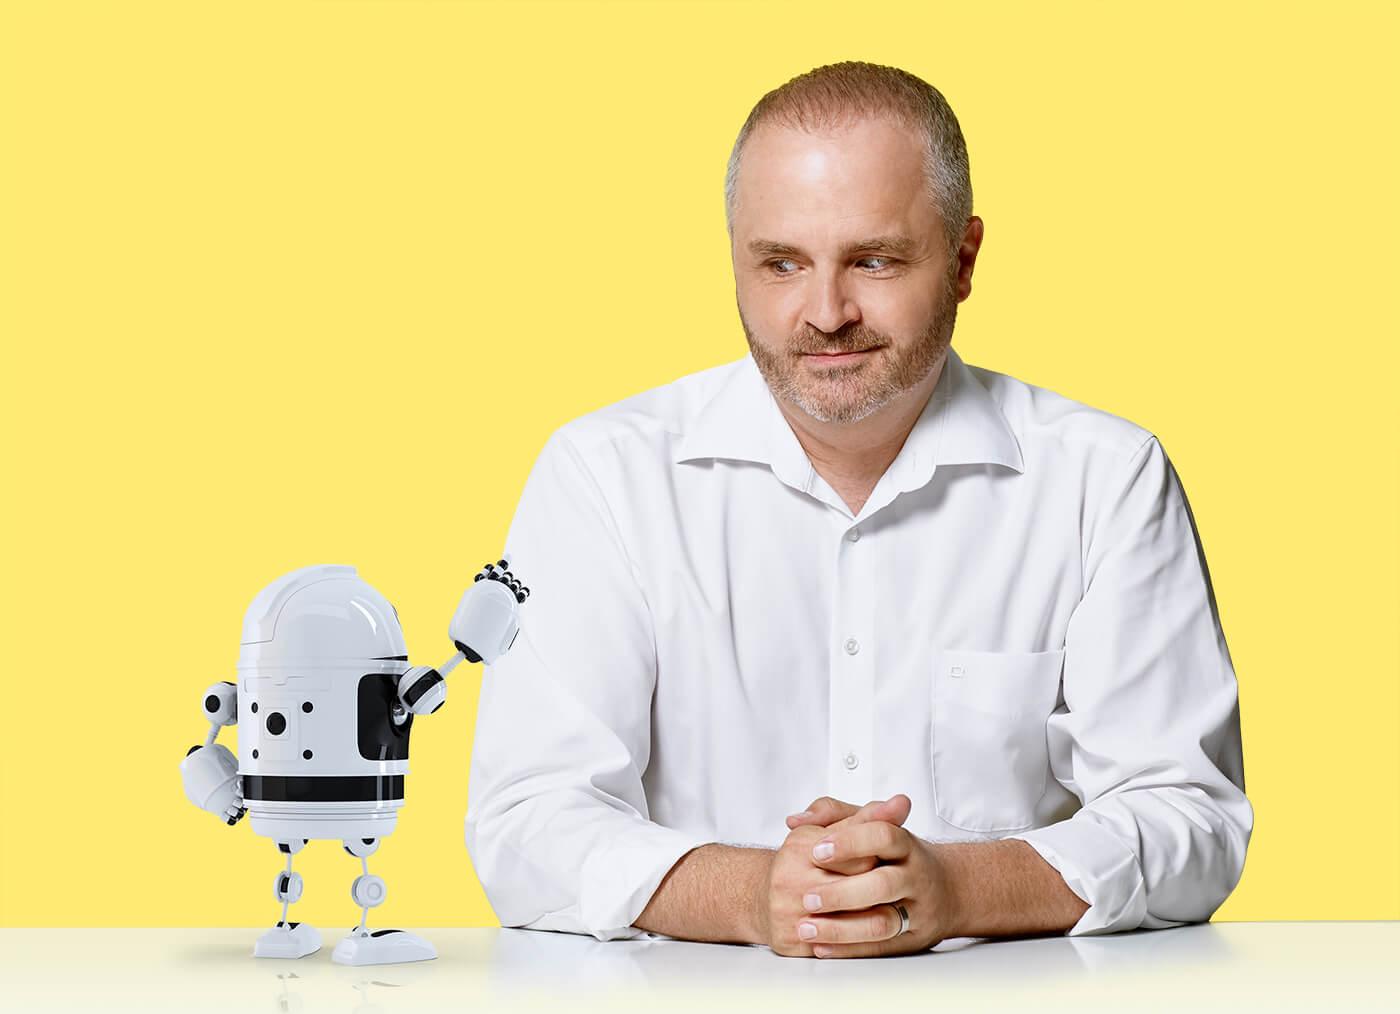 Ömer Atiker: Keynote Speaker, Berater und Experte für Digitalisierung